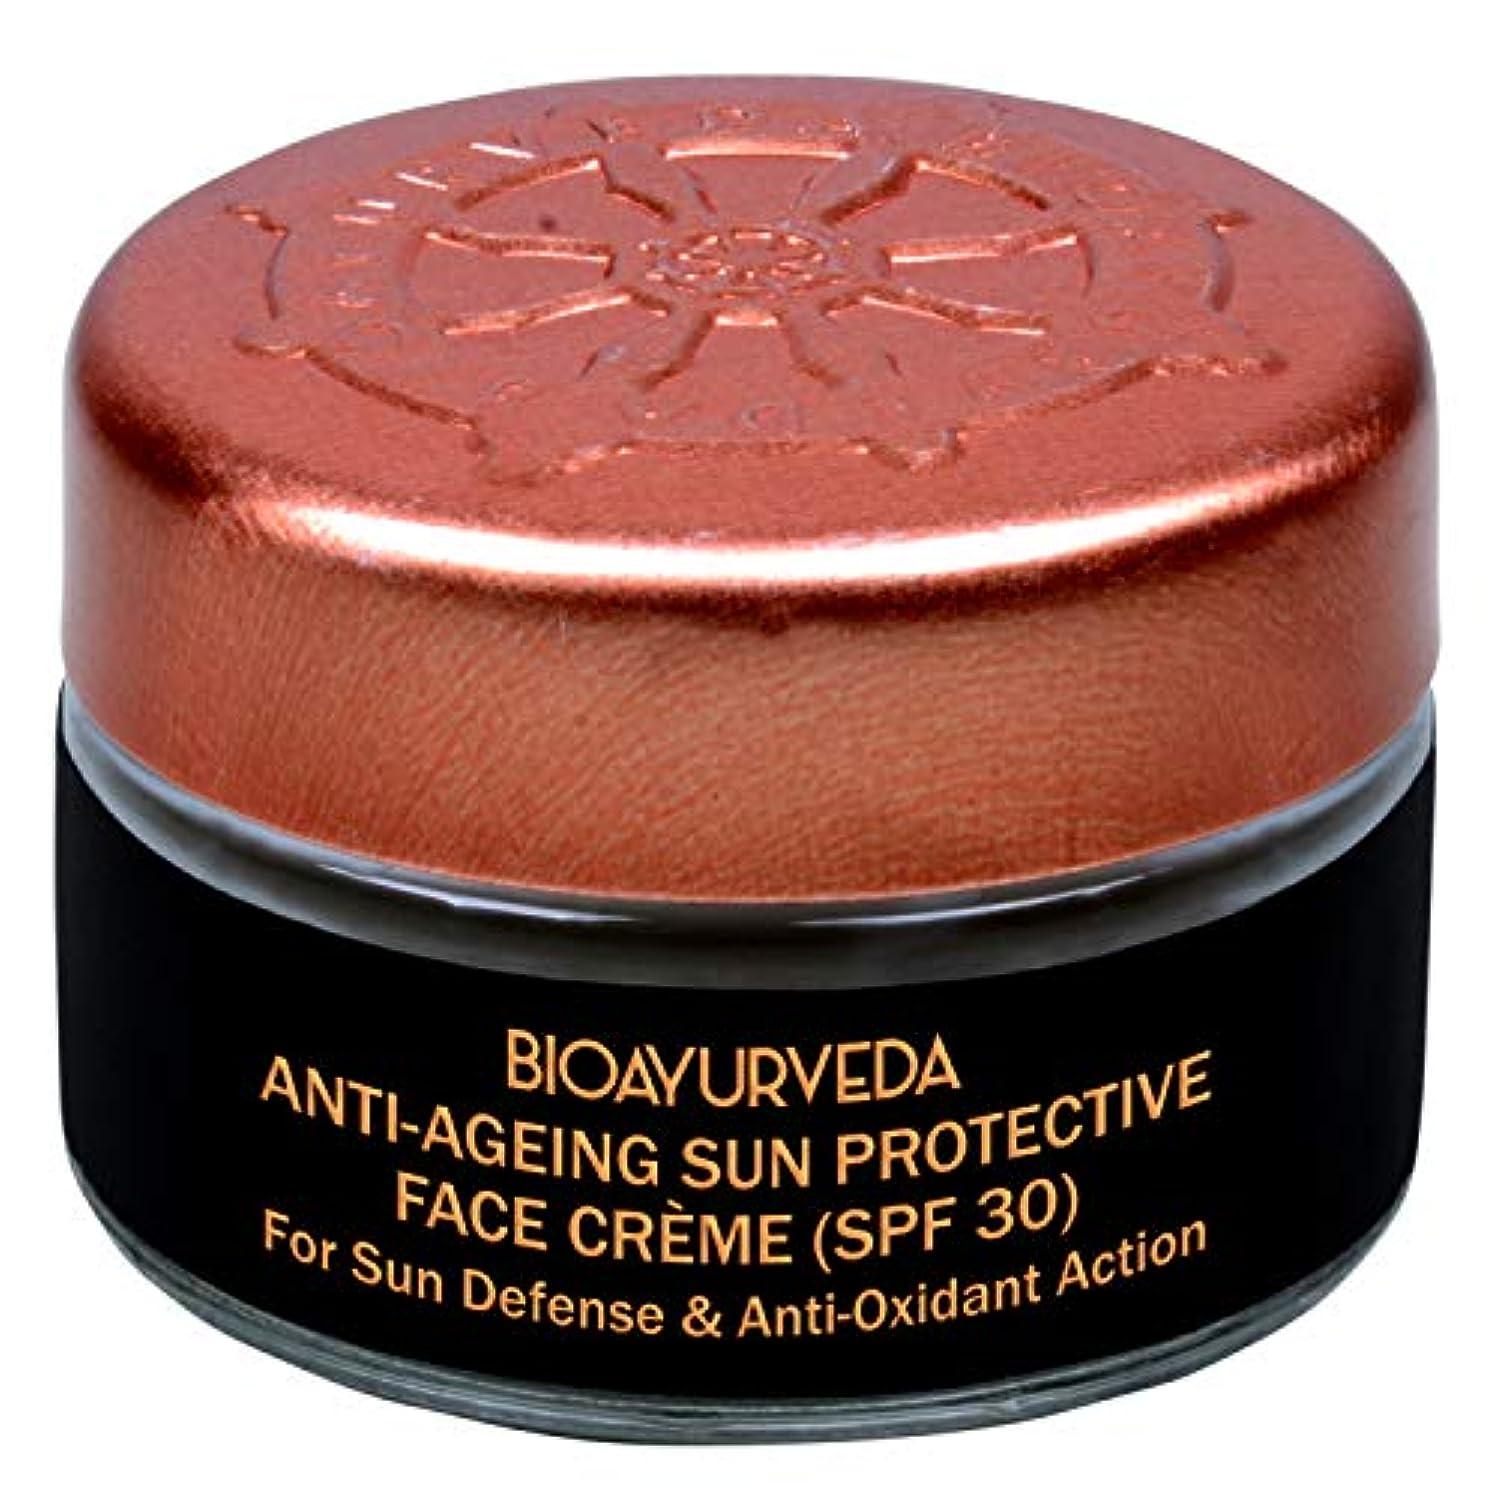 旋回サーフィン反対にBIOAYURVEDAアンチエイジングサンプロテクティブクリームwith SPF 30 |敏感肌またはニキビ肌に最適な日焼け止め|顔の保湿剤| (20g)